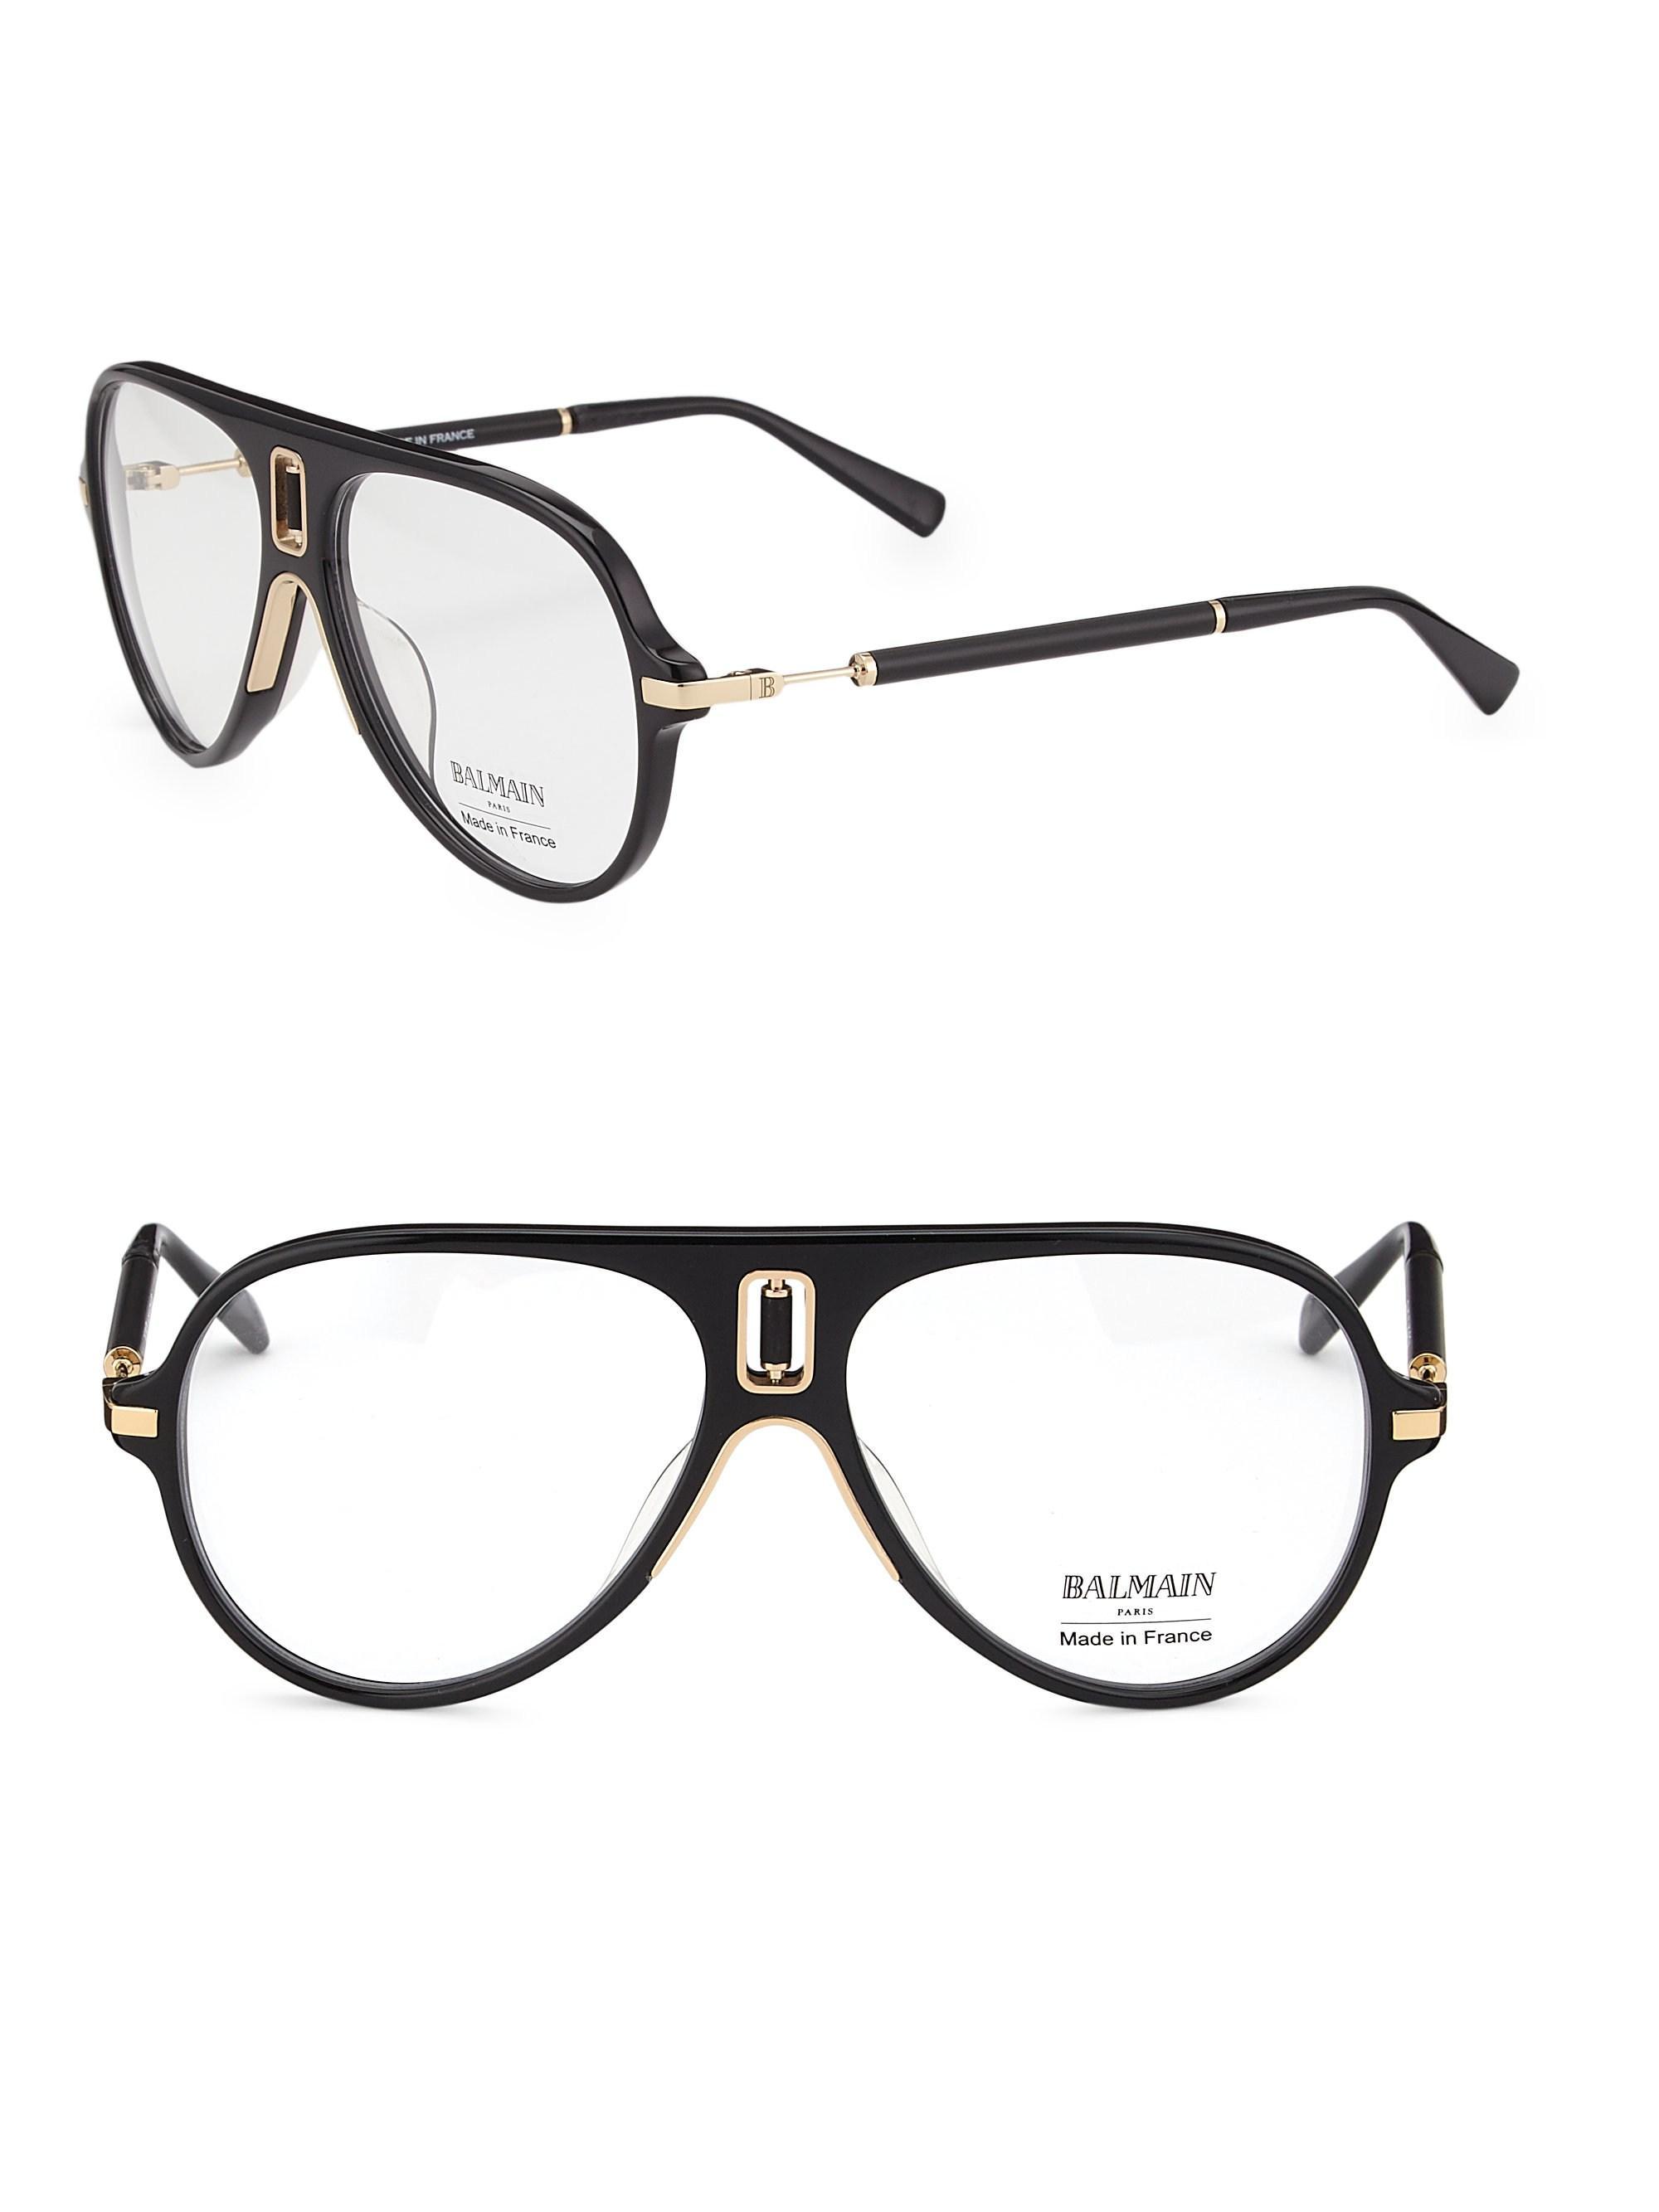 7e8d7164b Balmain 61mm Acetate Aviator Optical Glasses in Black for Men - Lyst